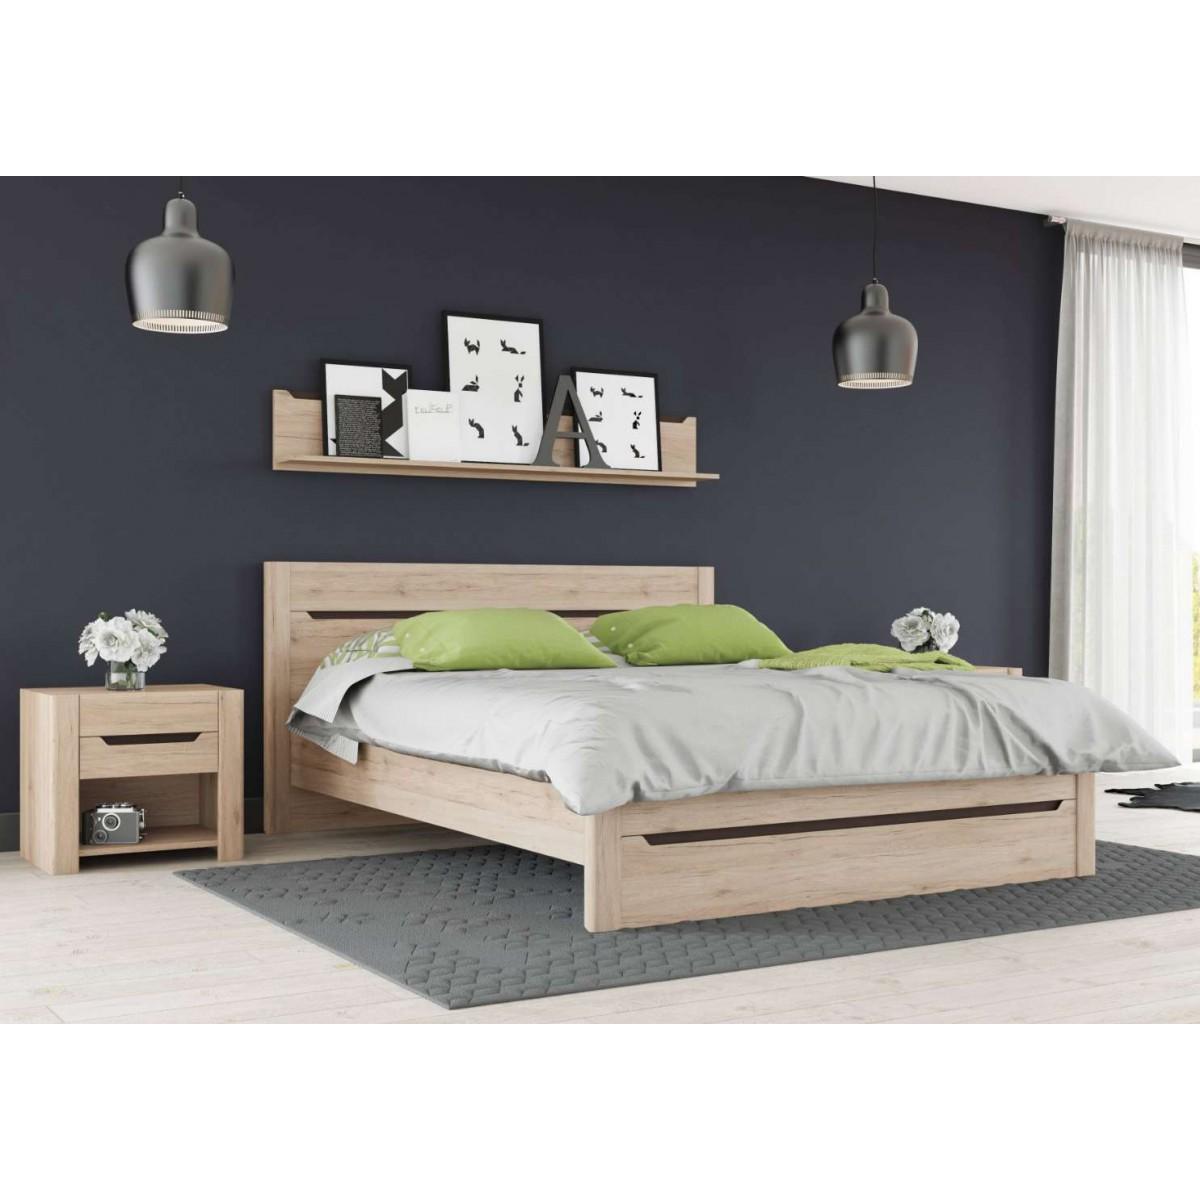 Łóżko 140 cm Desjo Typ 50